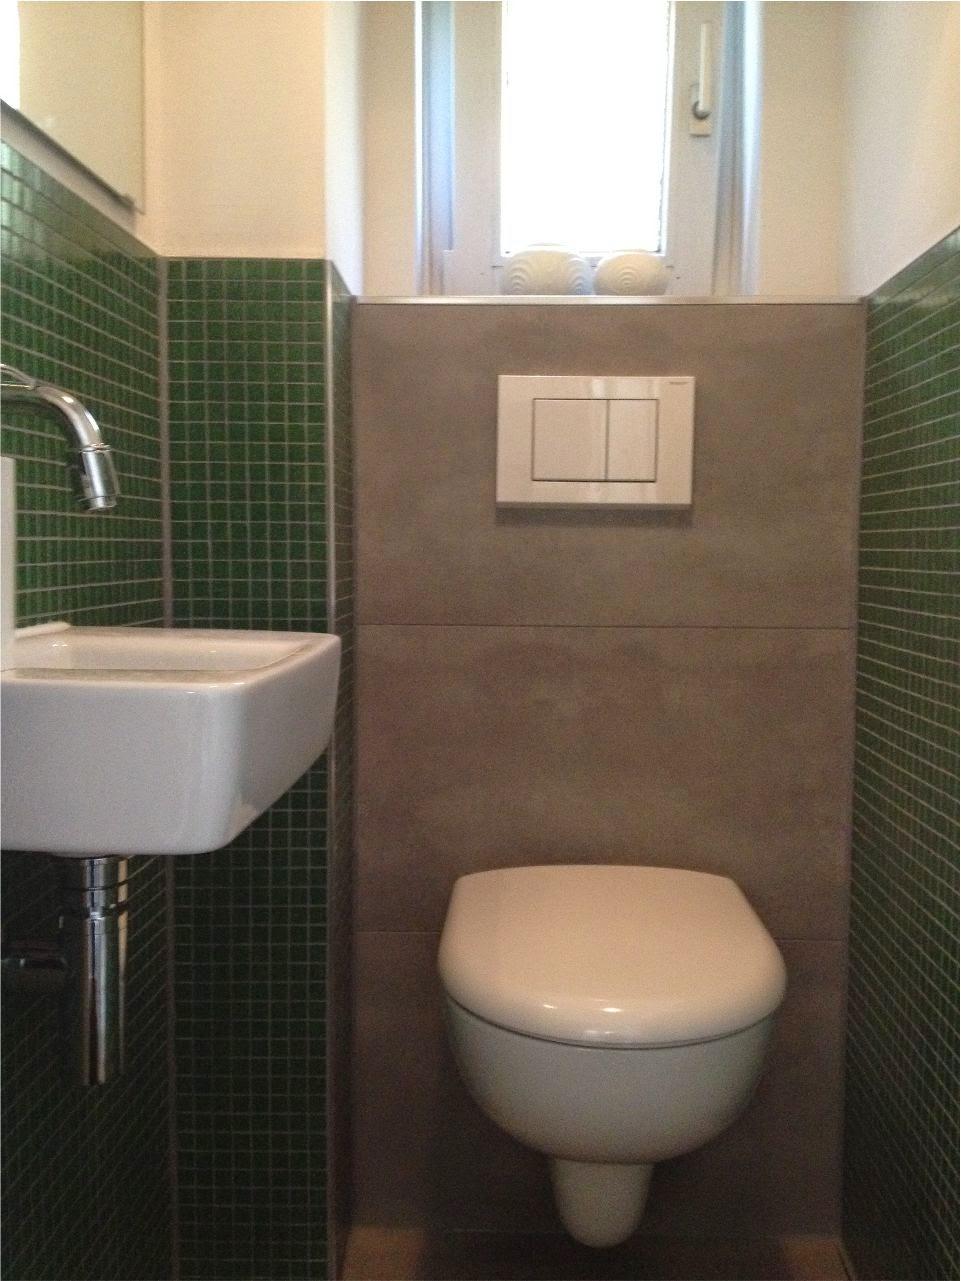 Gäste Wc Schöner Wohnen dasbürofürschönedinge vorher nachher unser gäste wc